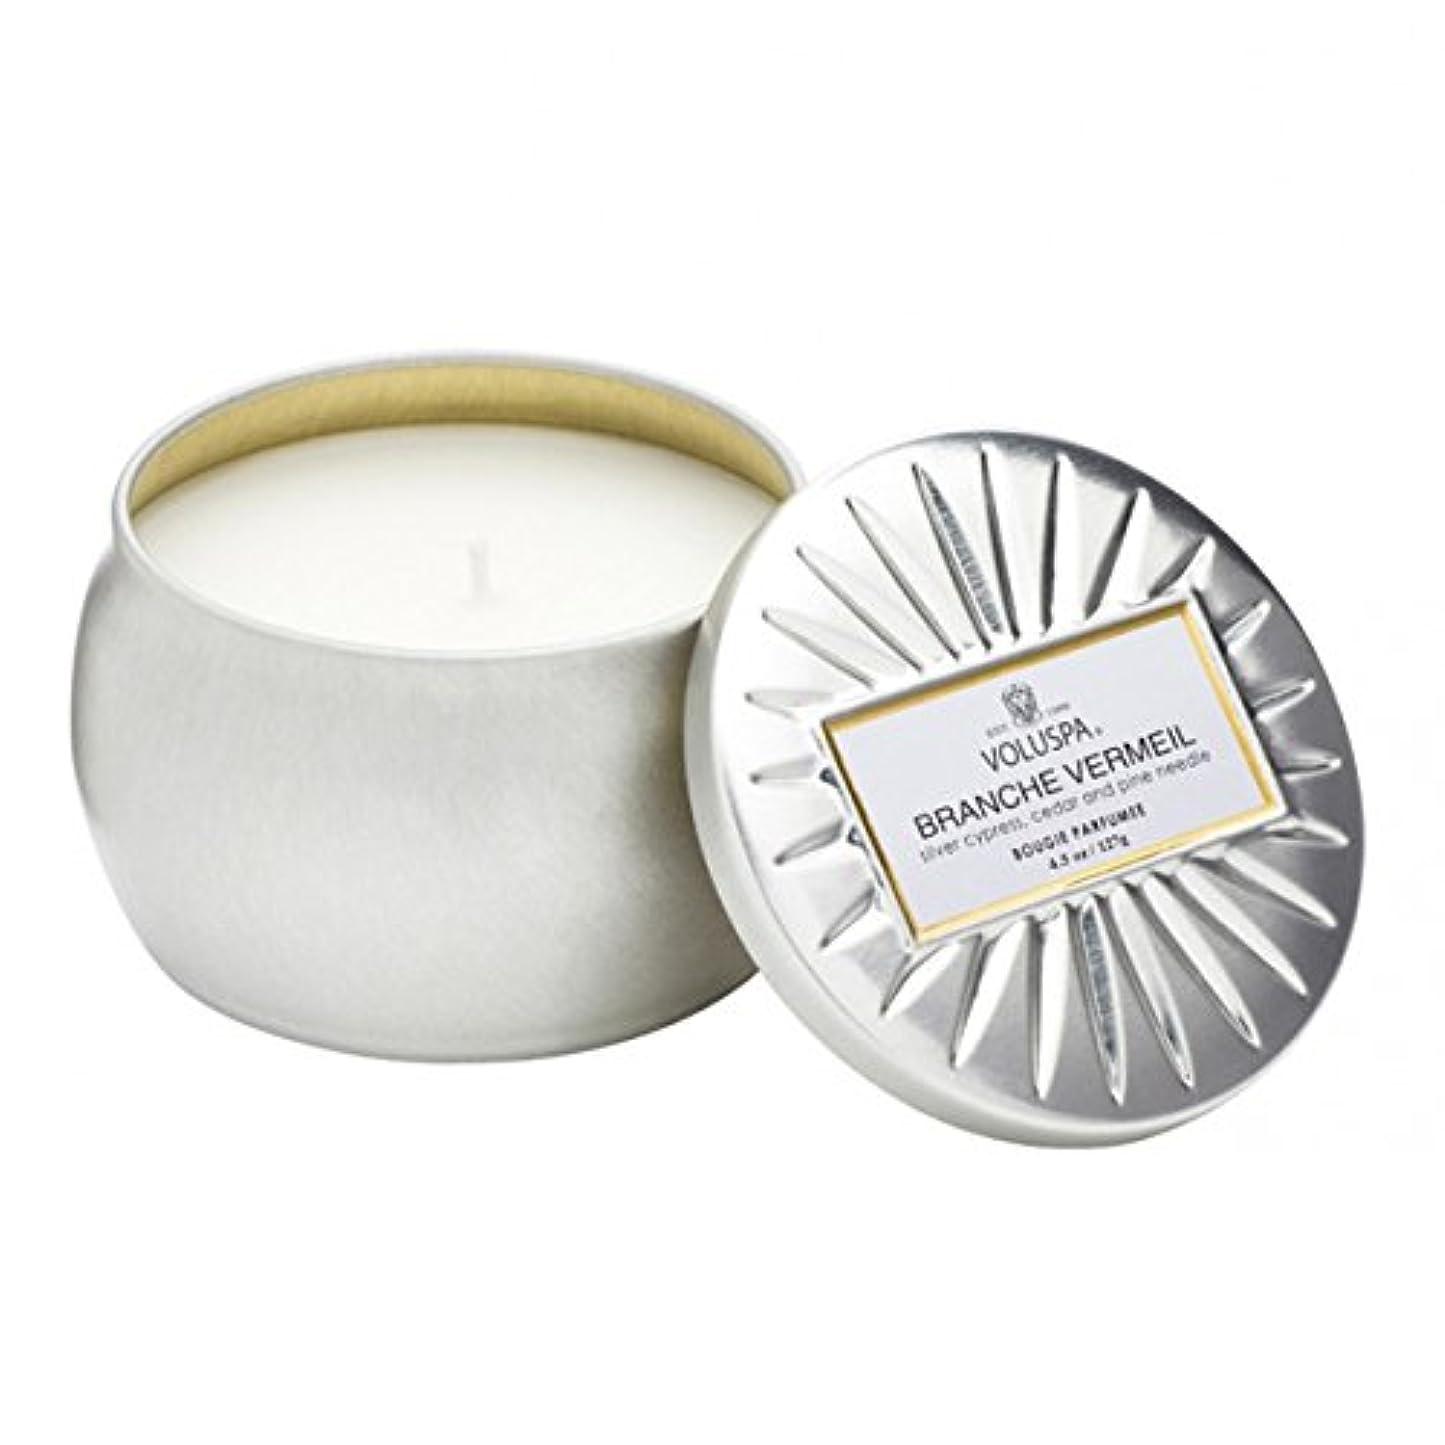 補助金に変形するVoluspa ボルスパ ヴァーメイル ティンキャンドル  S フ?ランチヴァーメイル BRANCHE VERMEIL VERMEIL PETITE Tin Glass Candle